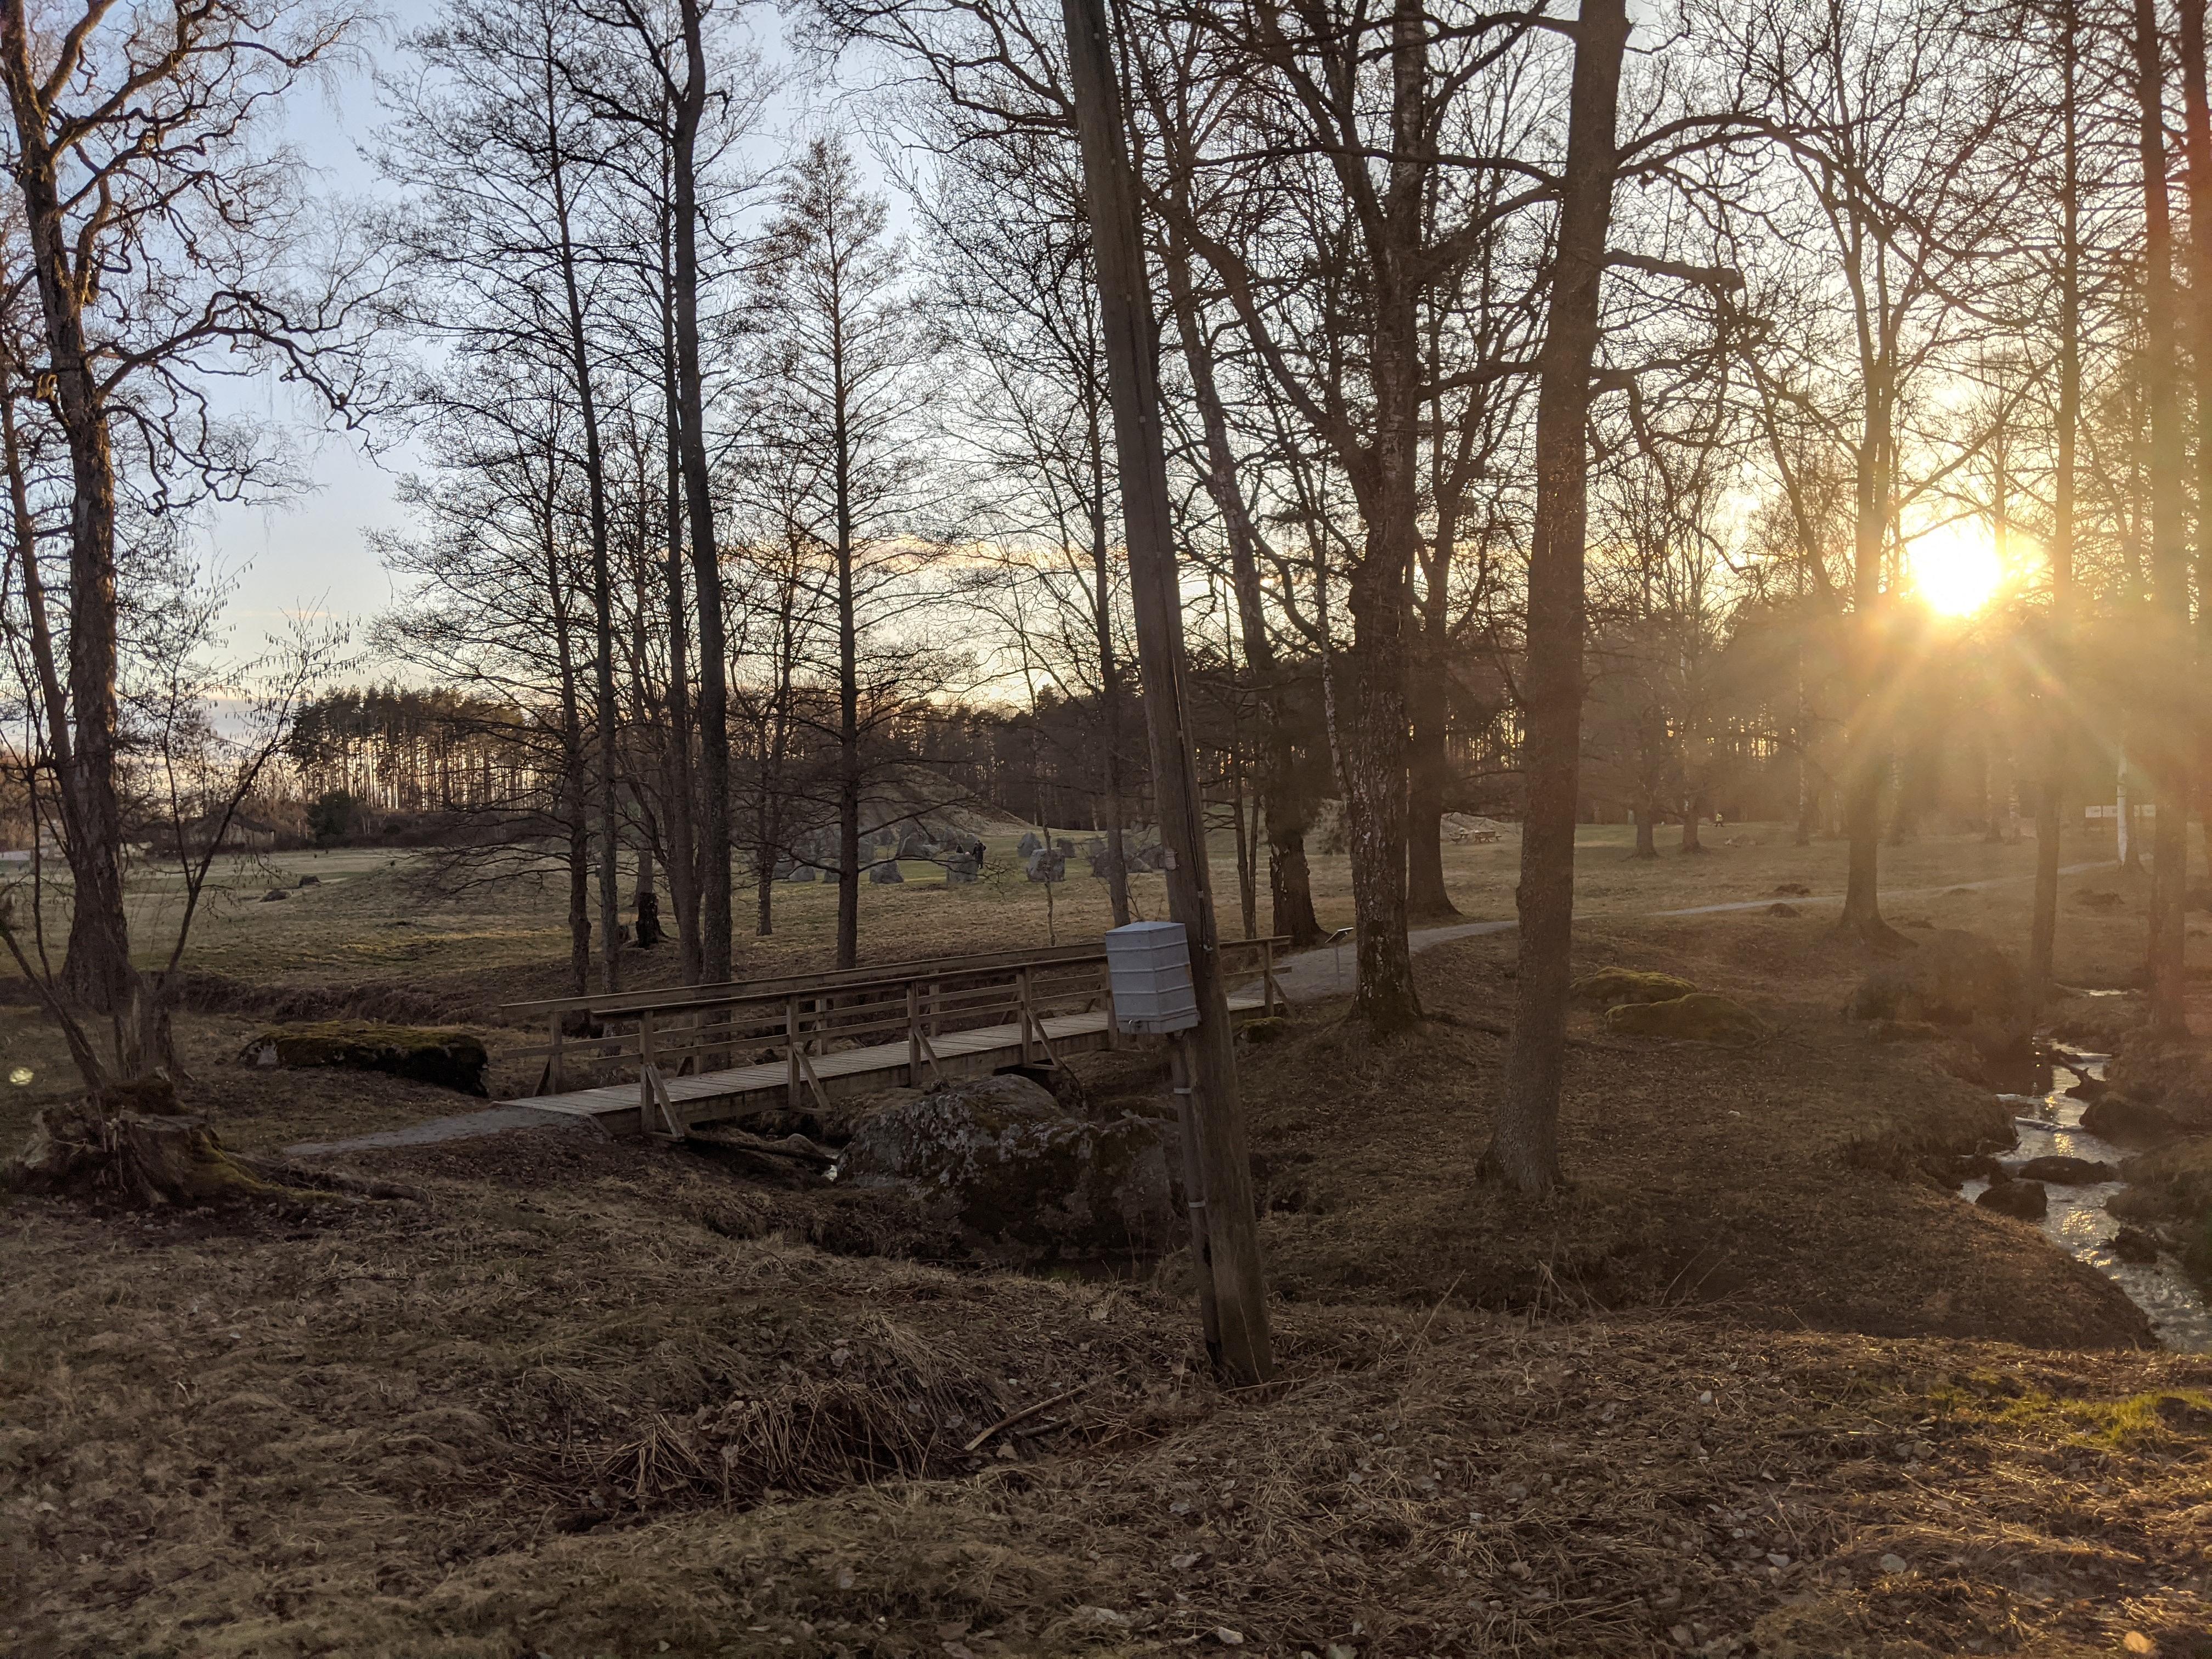 Anundshögsområdet i solnedgång mellan träden